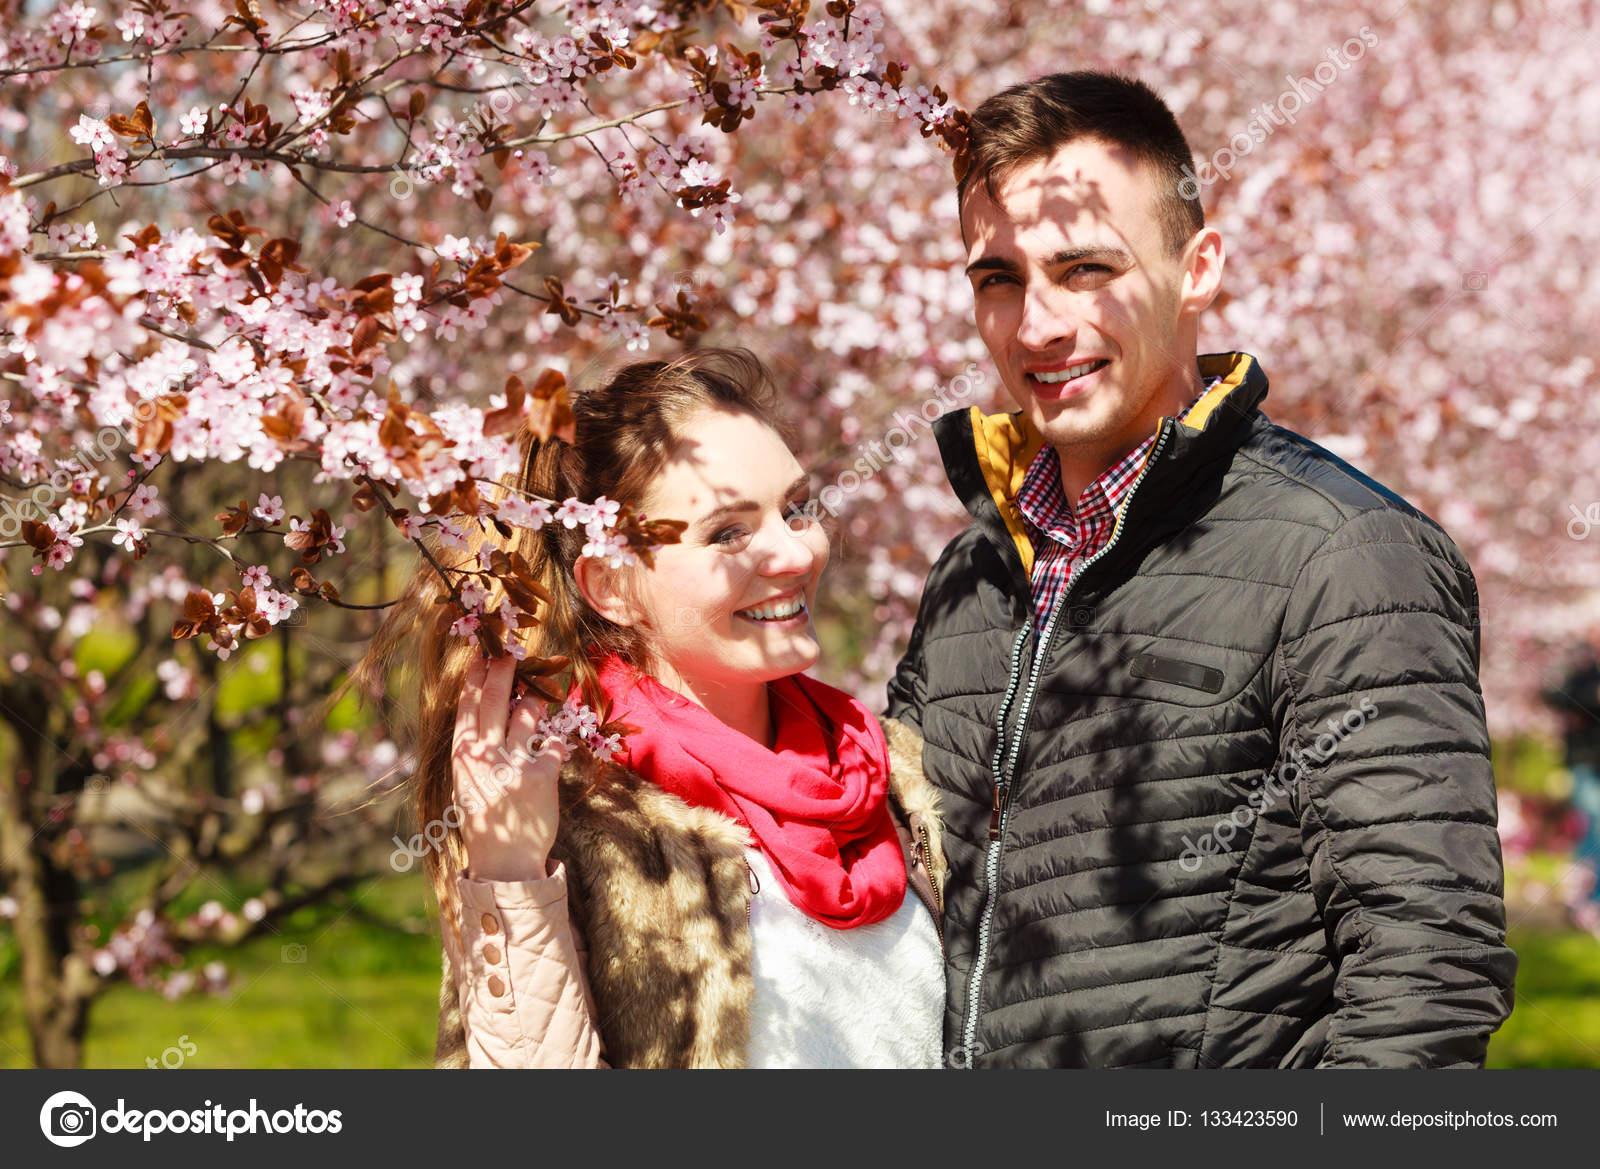 Dating-Website auf der Grundlage von Aktivitäten